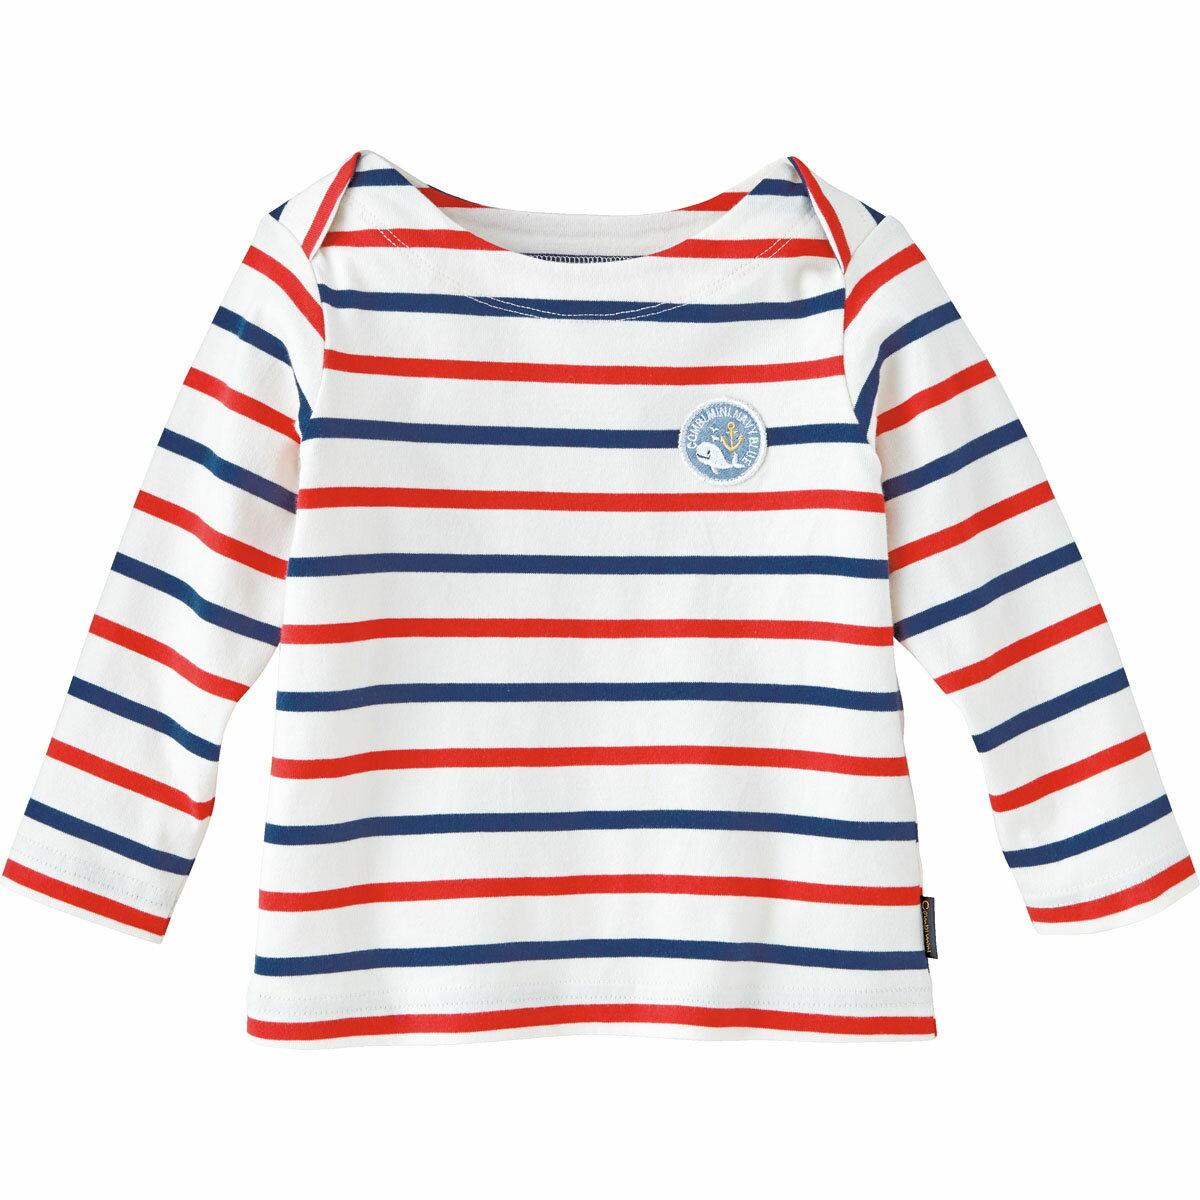 【30%OFF】Tシャツ(ペールボーダー){男の子 女の子}《コンビミニ》ギフト ベビー服 子供服 Combi miniTシャツ(ペールボーダー)